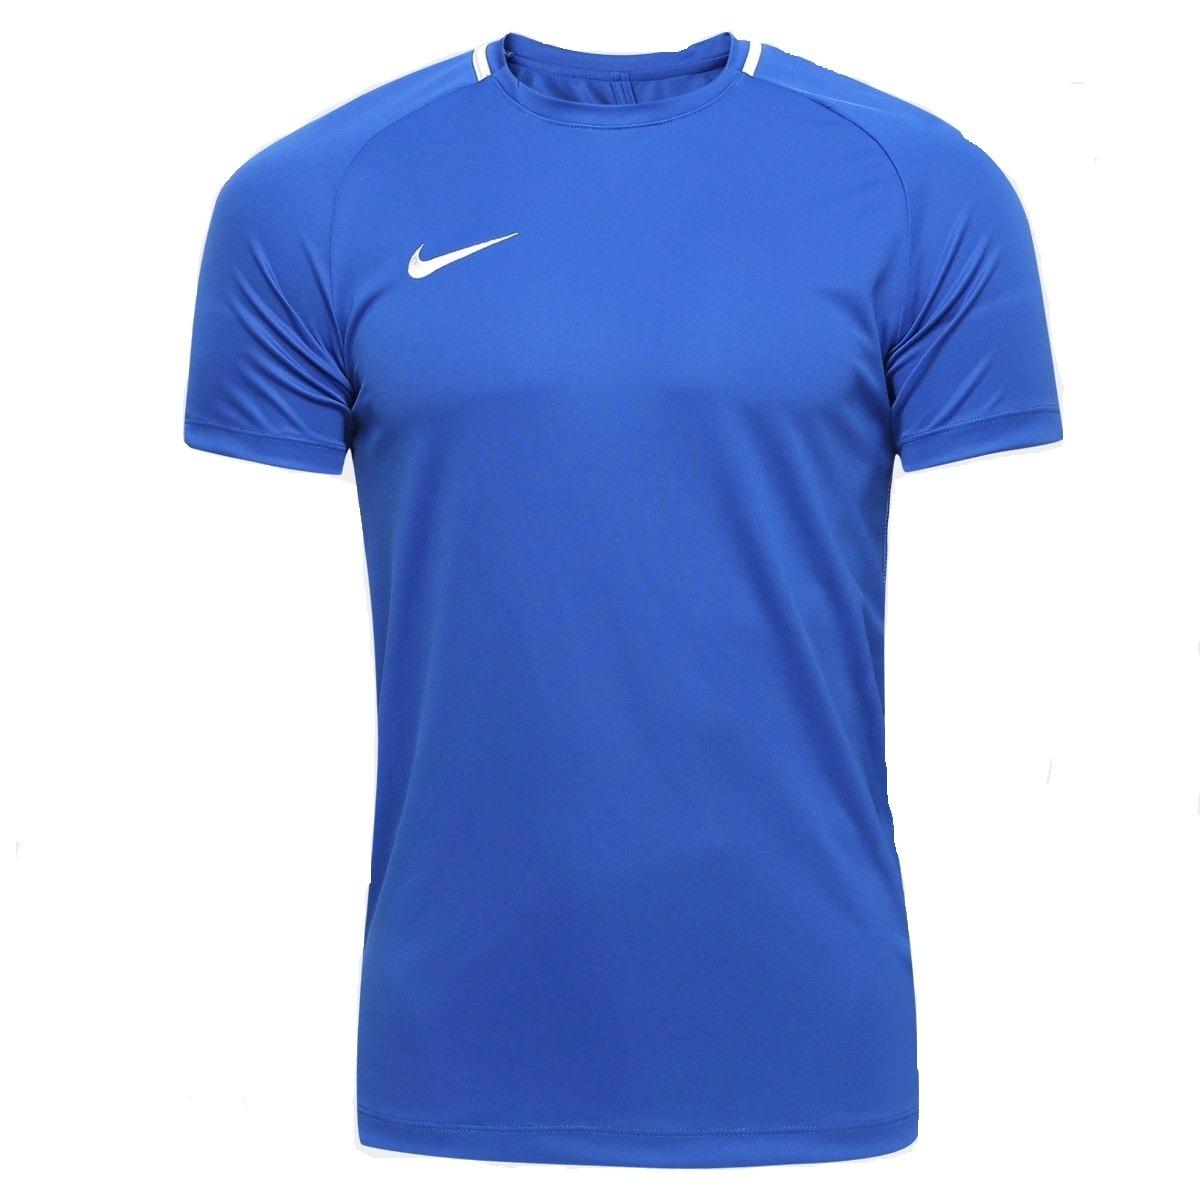 ee830a6054 camisa nike azul dry fit academy top adulto - original. Carregando zoom.